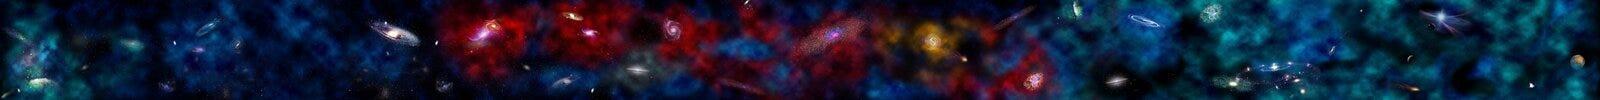 Universo de la estrella del fondo Imagen de archivo libre de regalías